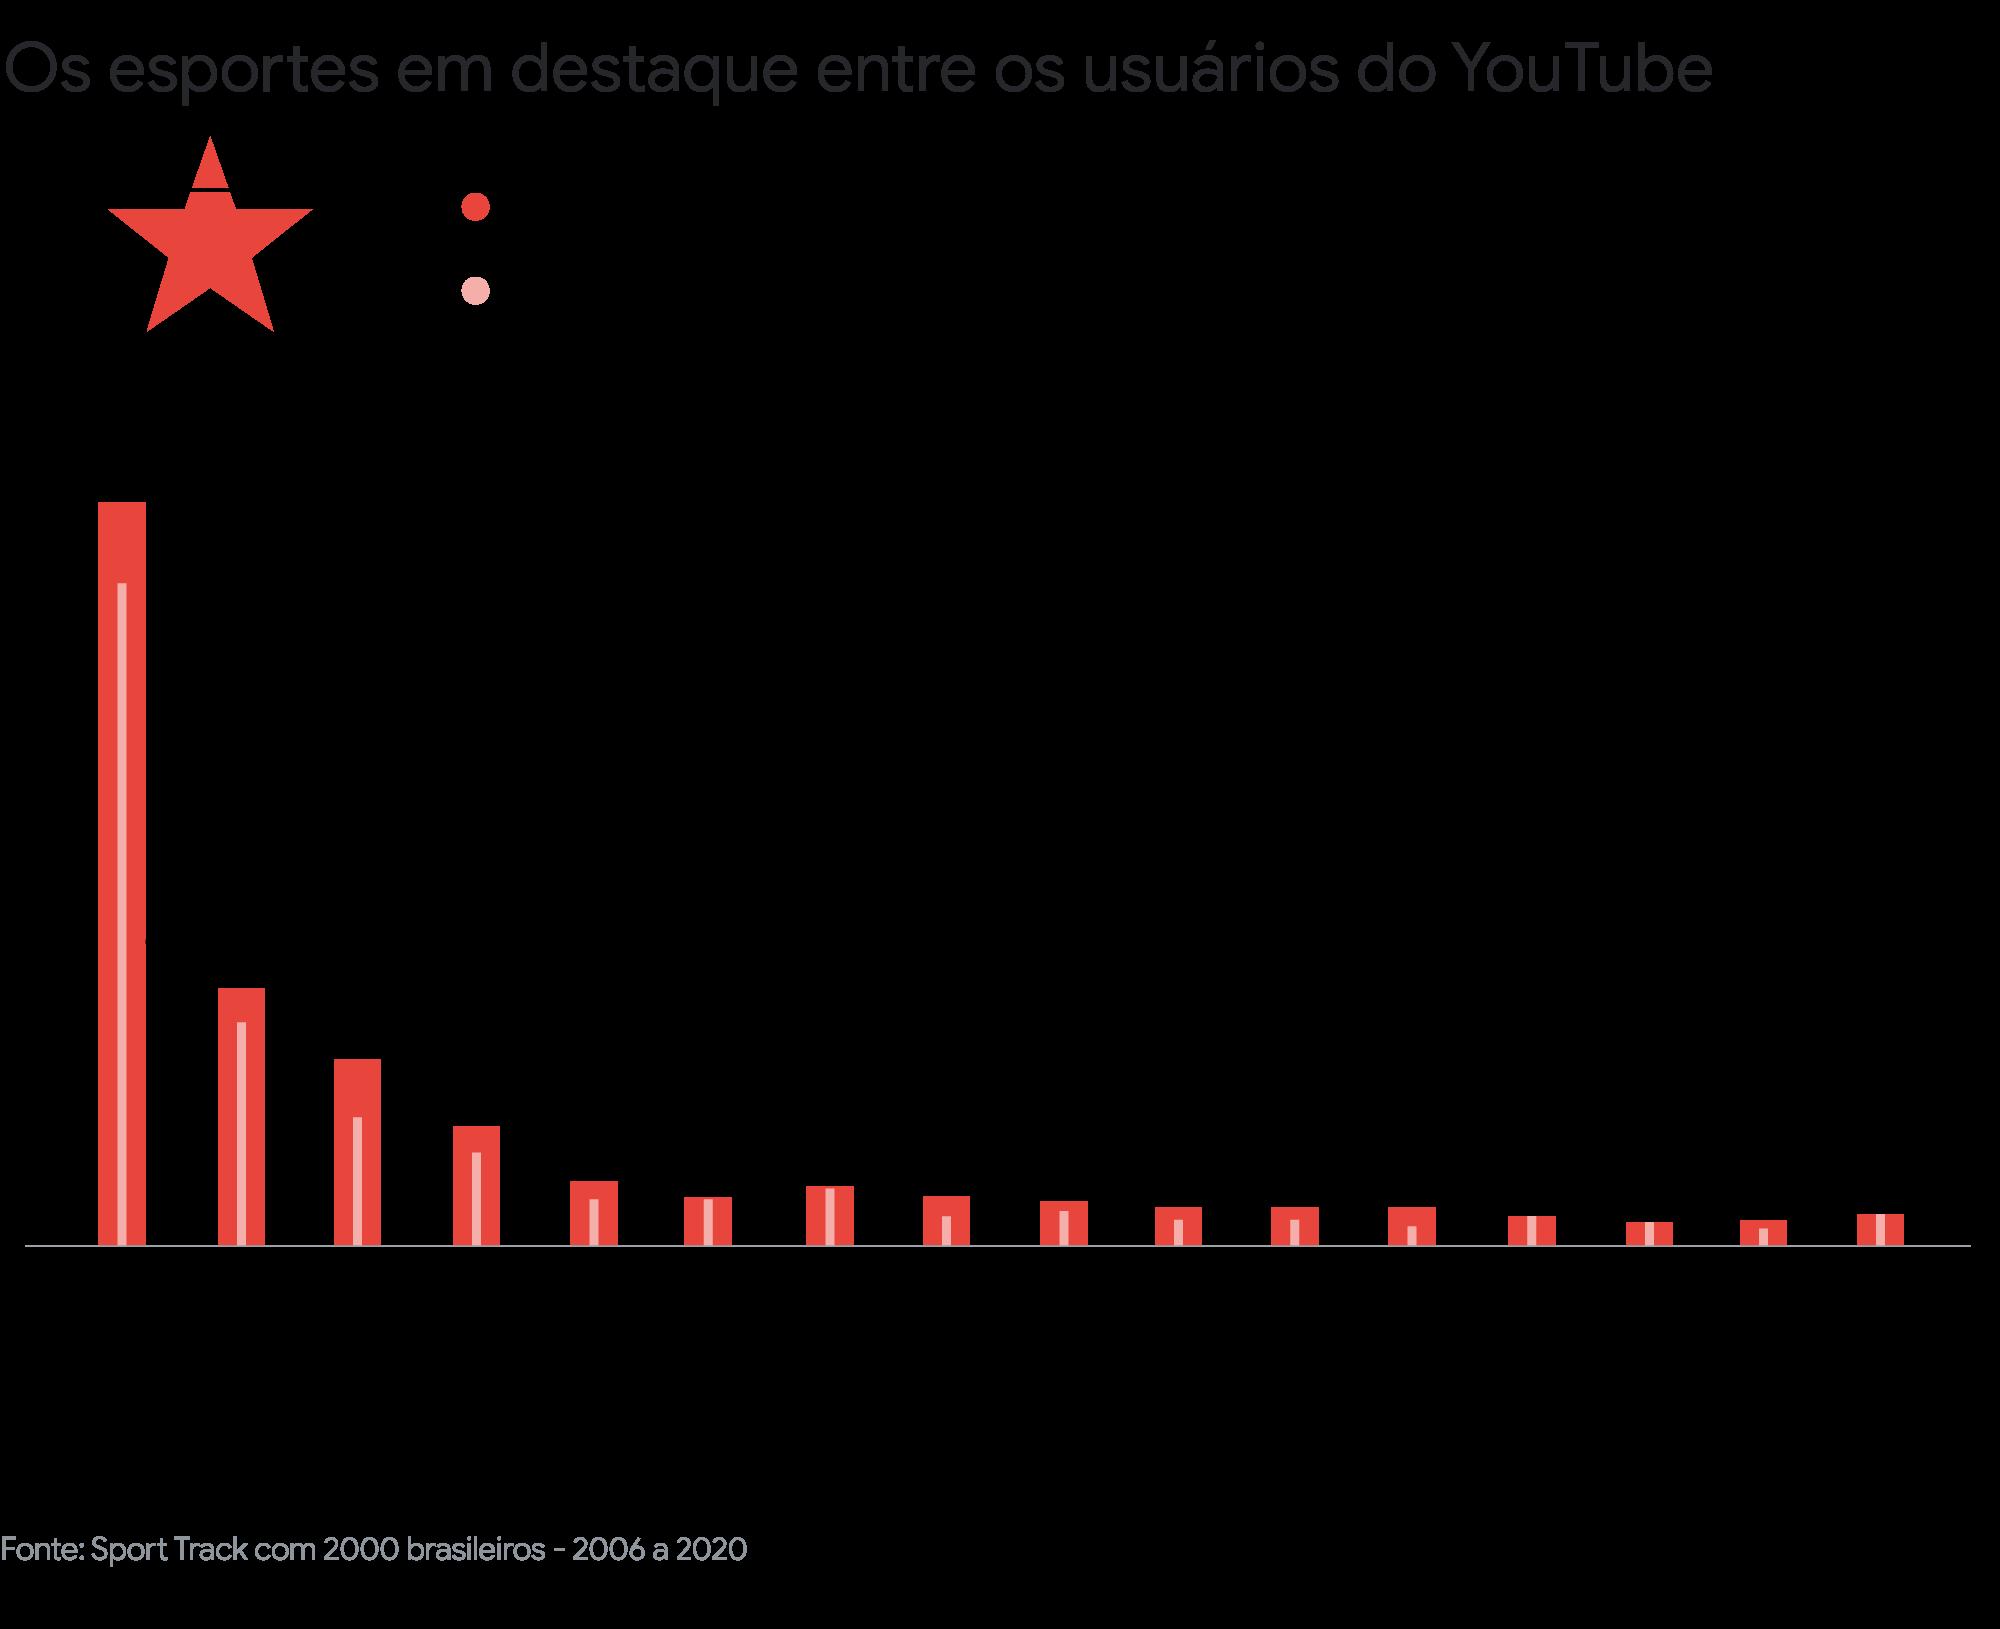 Os brasileiros e o esporte: como as pessoas estão se exercitando e consumindo conteúdo esportivo no país?